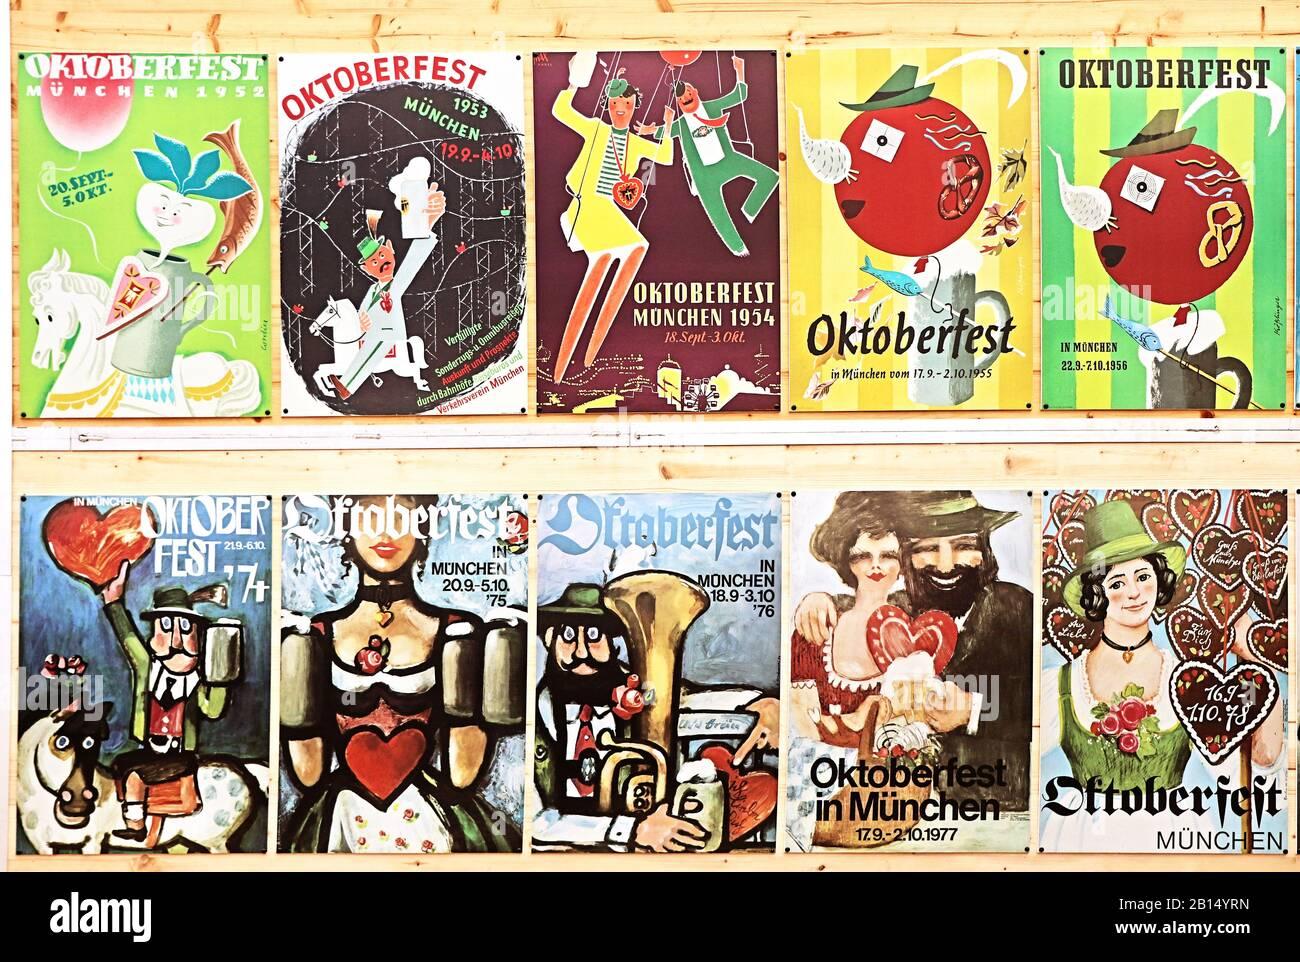 Munich, ALLEMAGNE - 1 OCTOBRE 2019 Affiches de l'Oktoberfest Vintage exposées à l'Oide Wiesn partie historique de l'Oktoberfest à Munich, famille et enfant- Banque D'Images